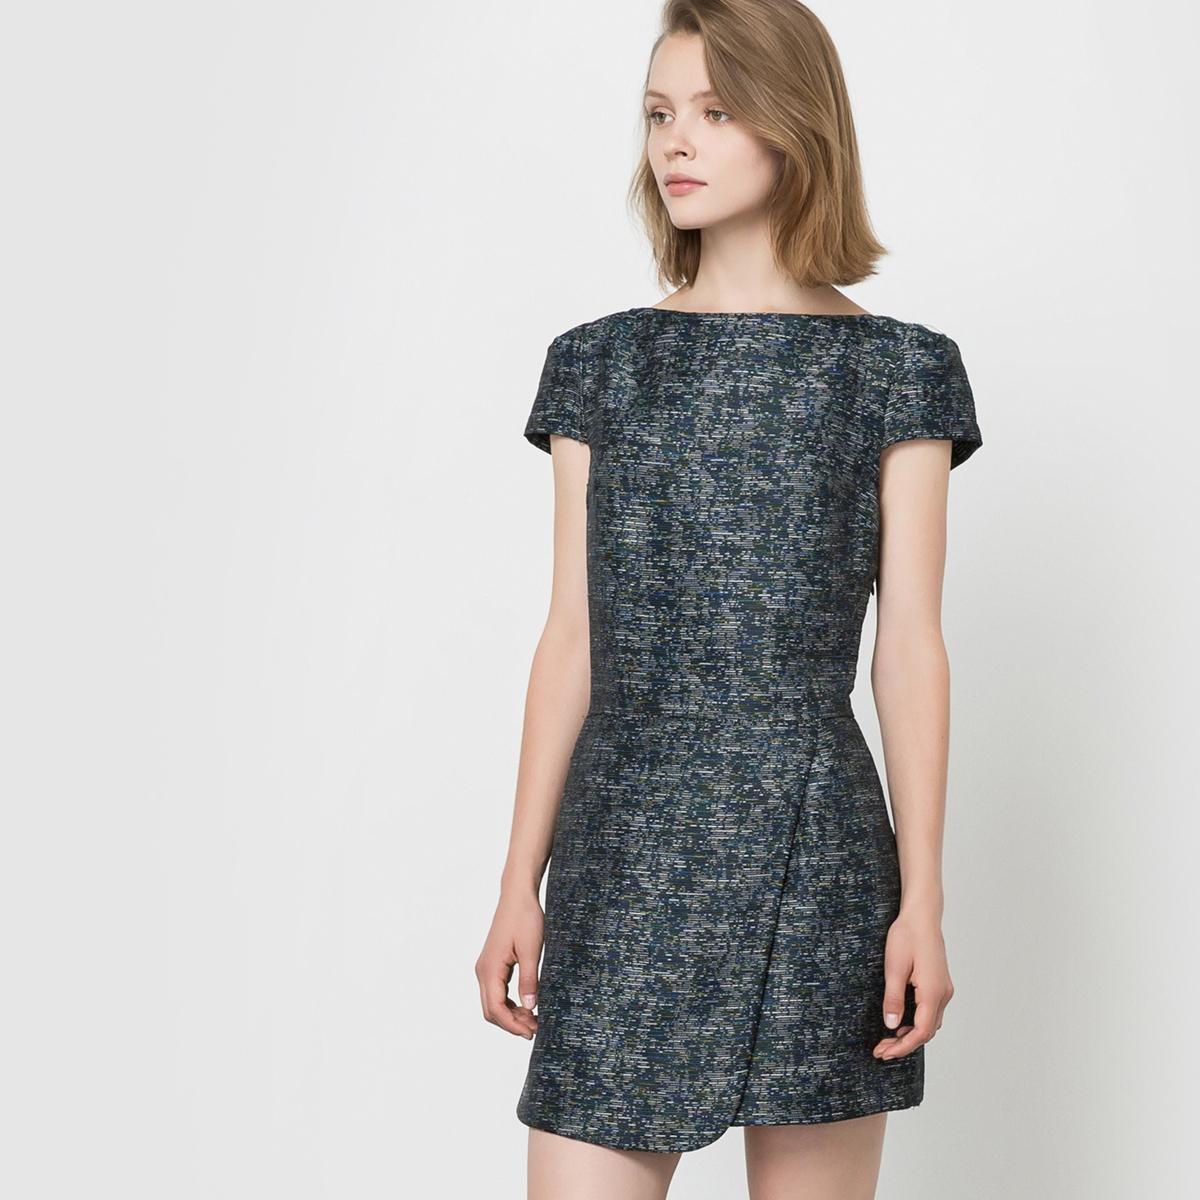 Платье с короткими рукавами, вырез-лодочкаСостав и описаниеМарка : SEE U SOONМатериалы : 50% полиэстера, 50% хлопка. Подкладка 100% хлопка.<br><br>Цвет: синий морской<br>Размер: L